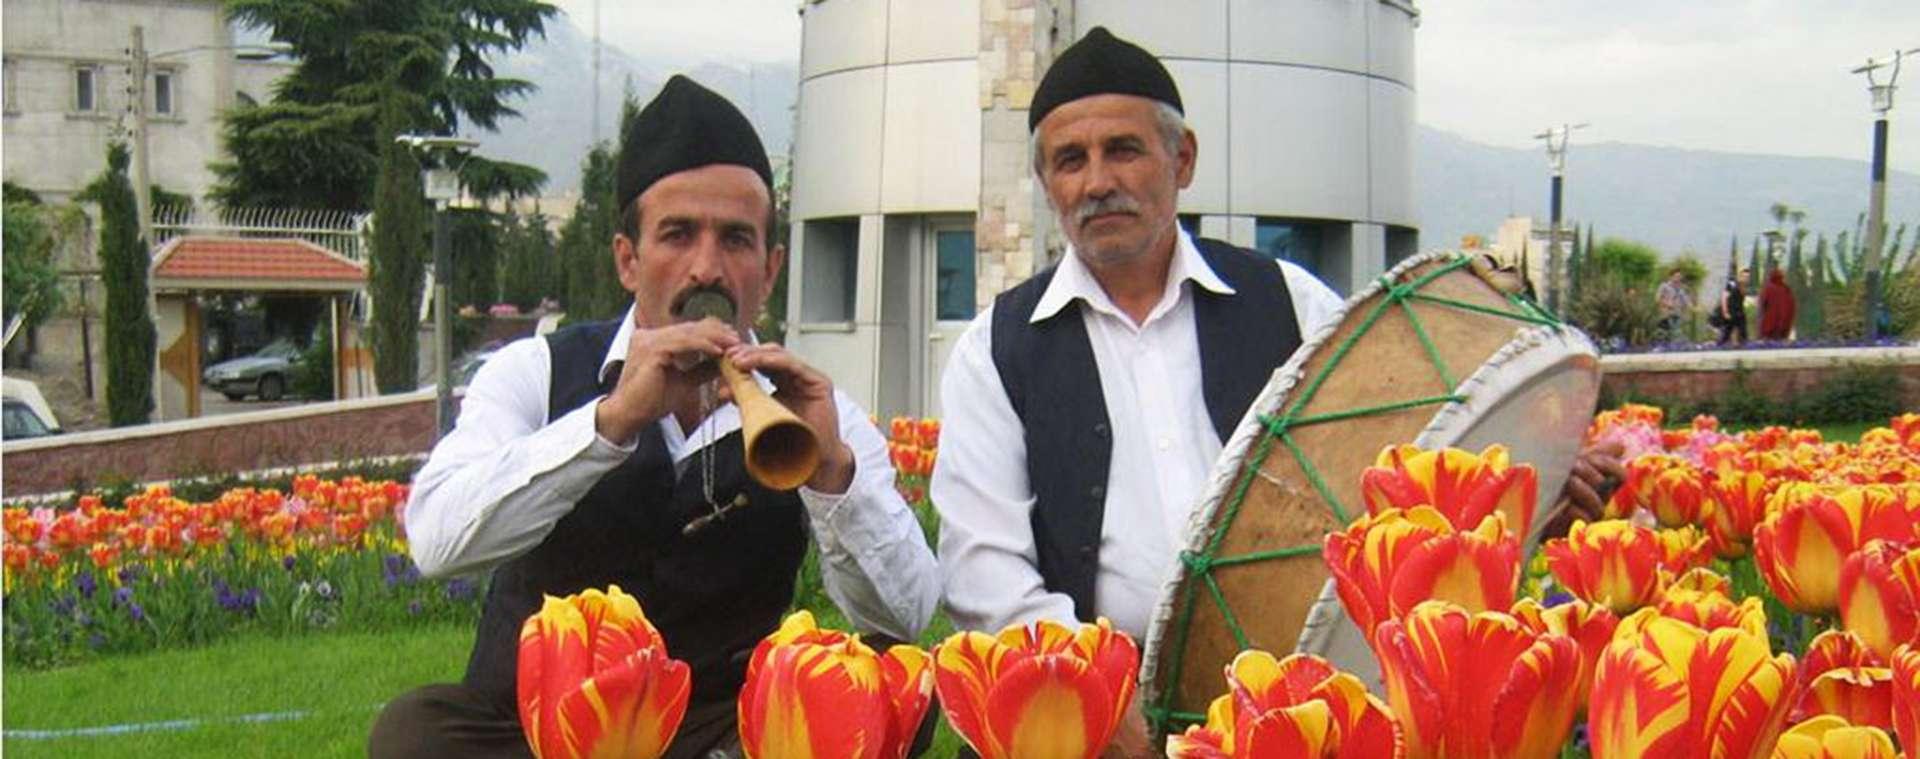 Mazandarani/Mazani